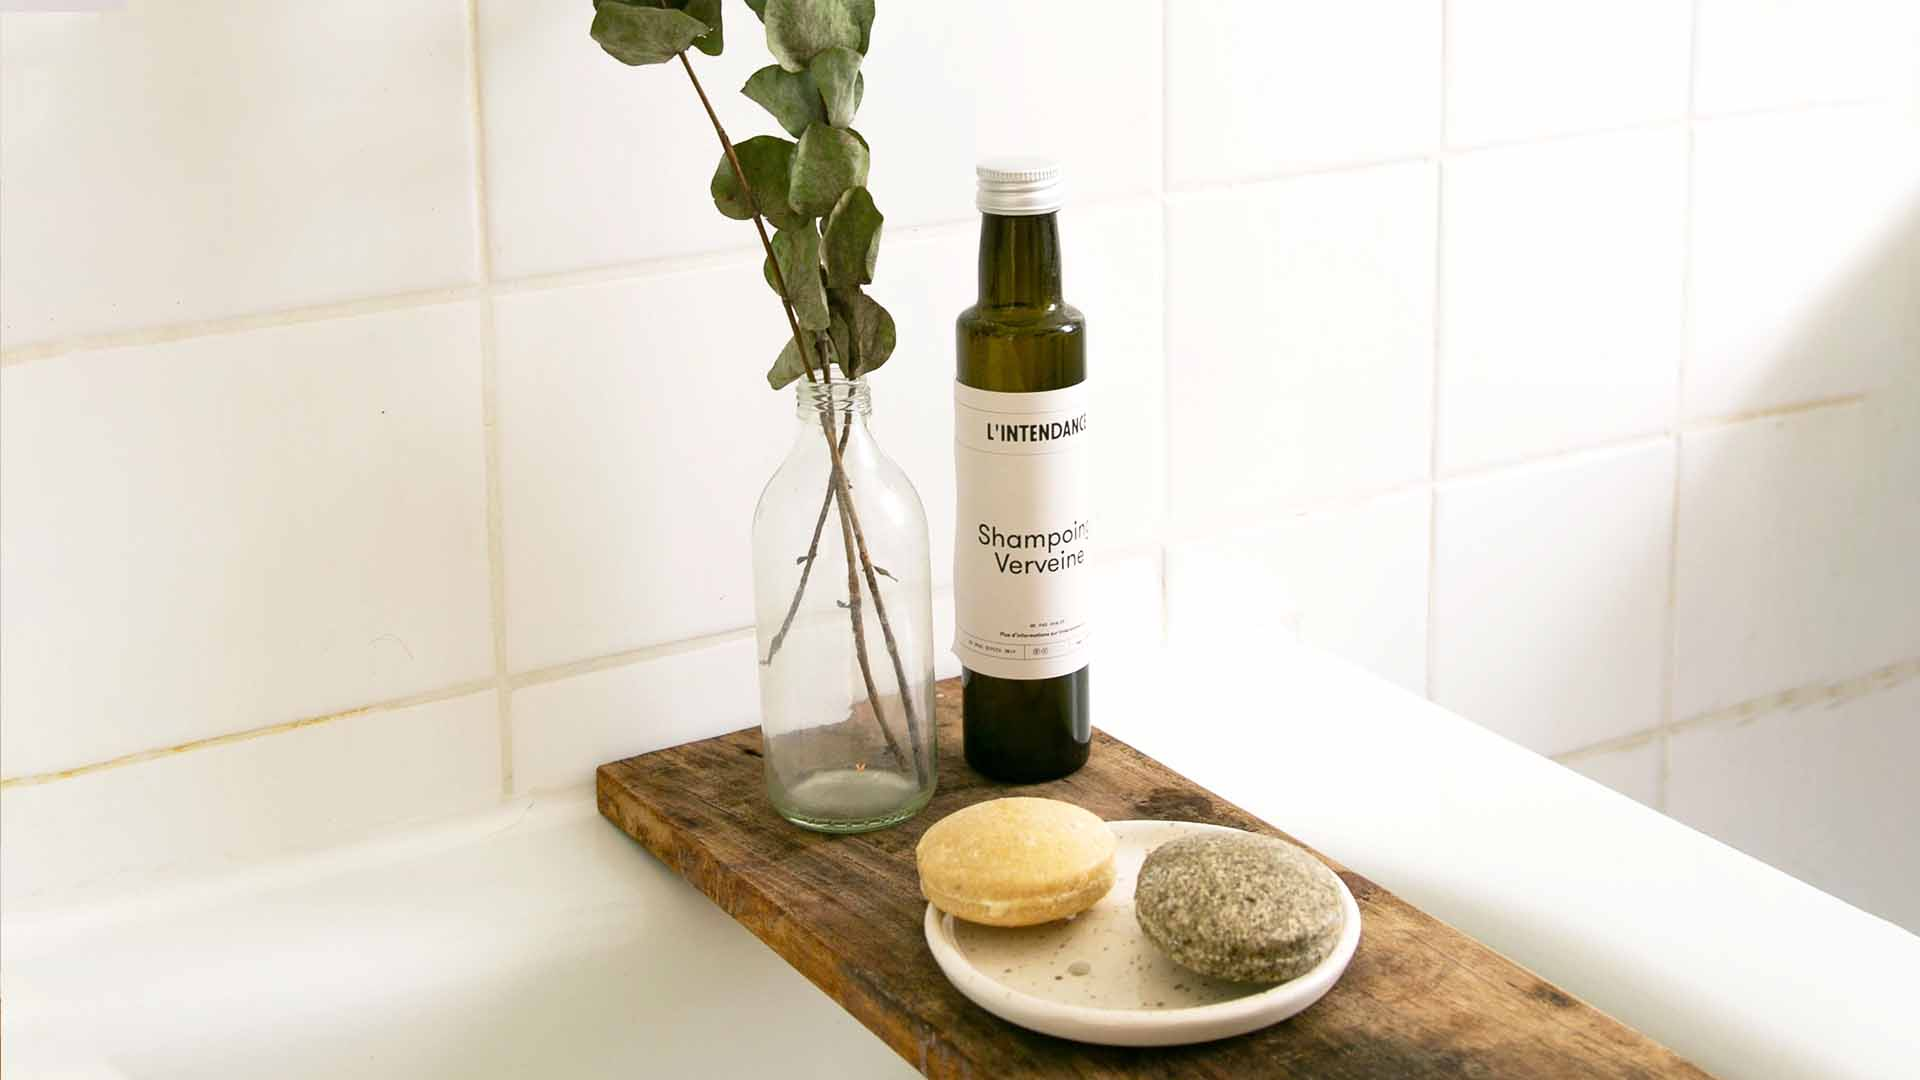 produits vrac et zéro déchet salle de bain